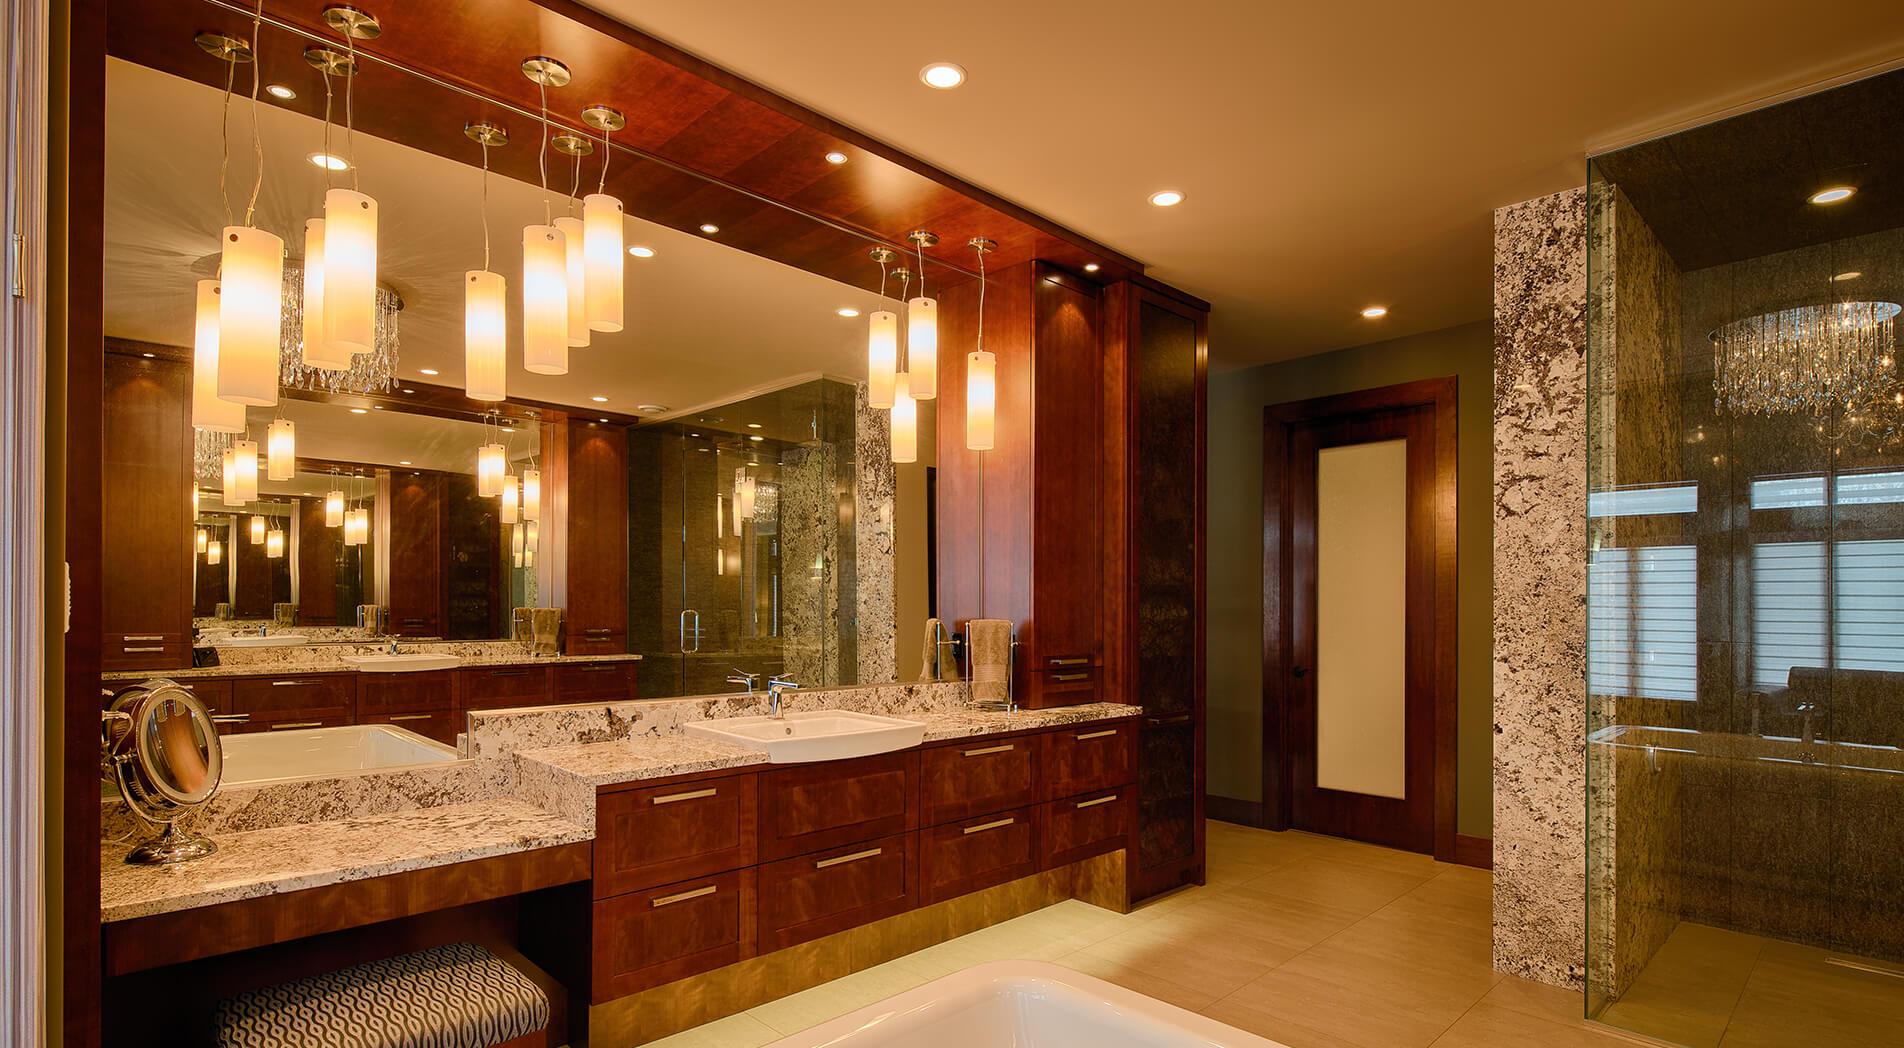 Legacy Originals Winnipeg Luxury Kitchens  Woodworking - Kitchen design winnipeg